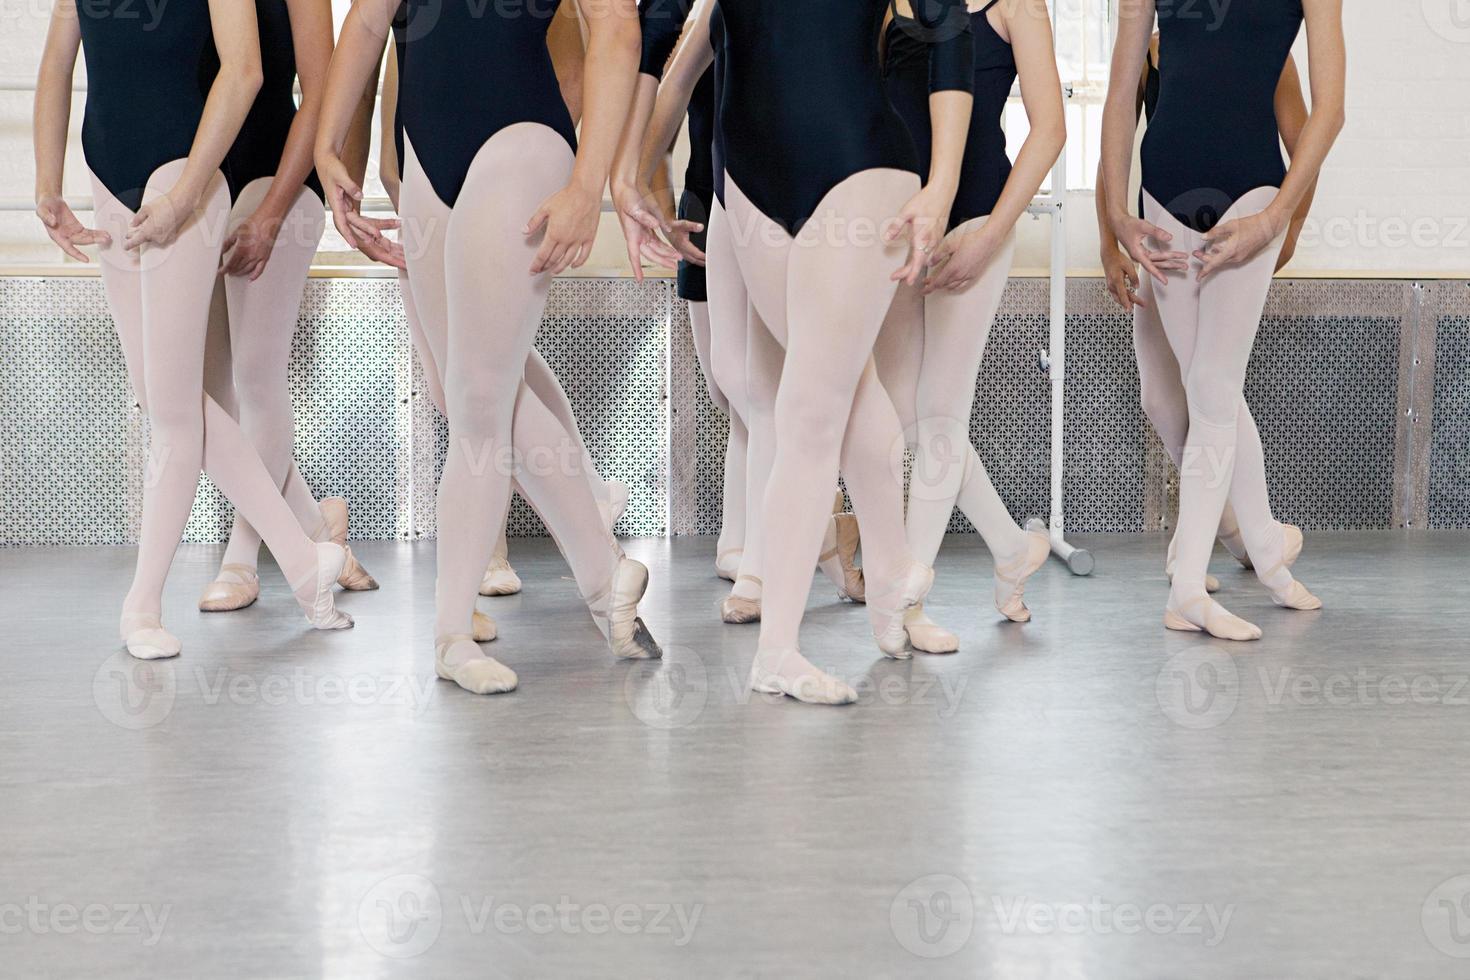 bailarinas dançando foto